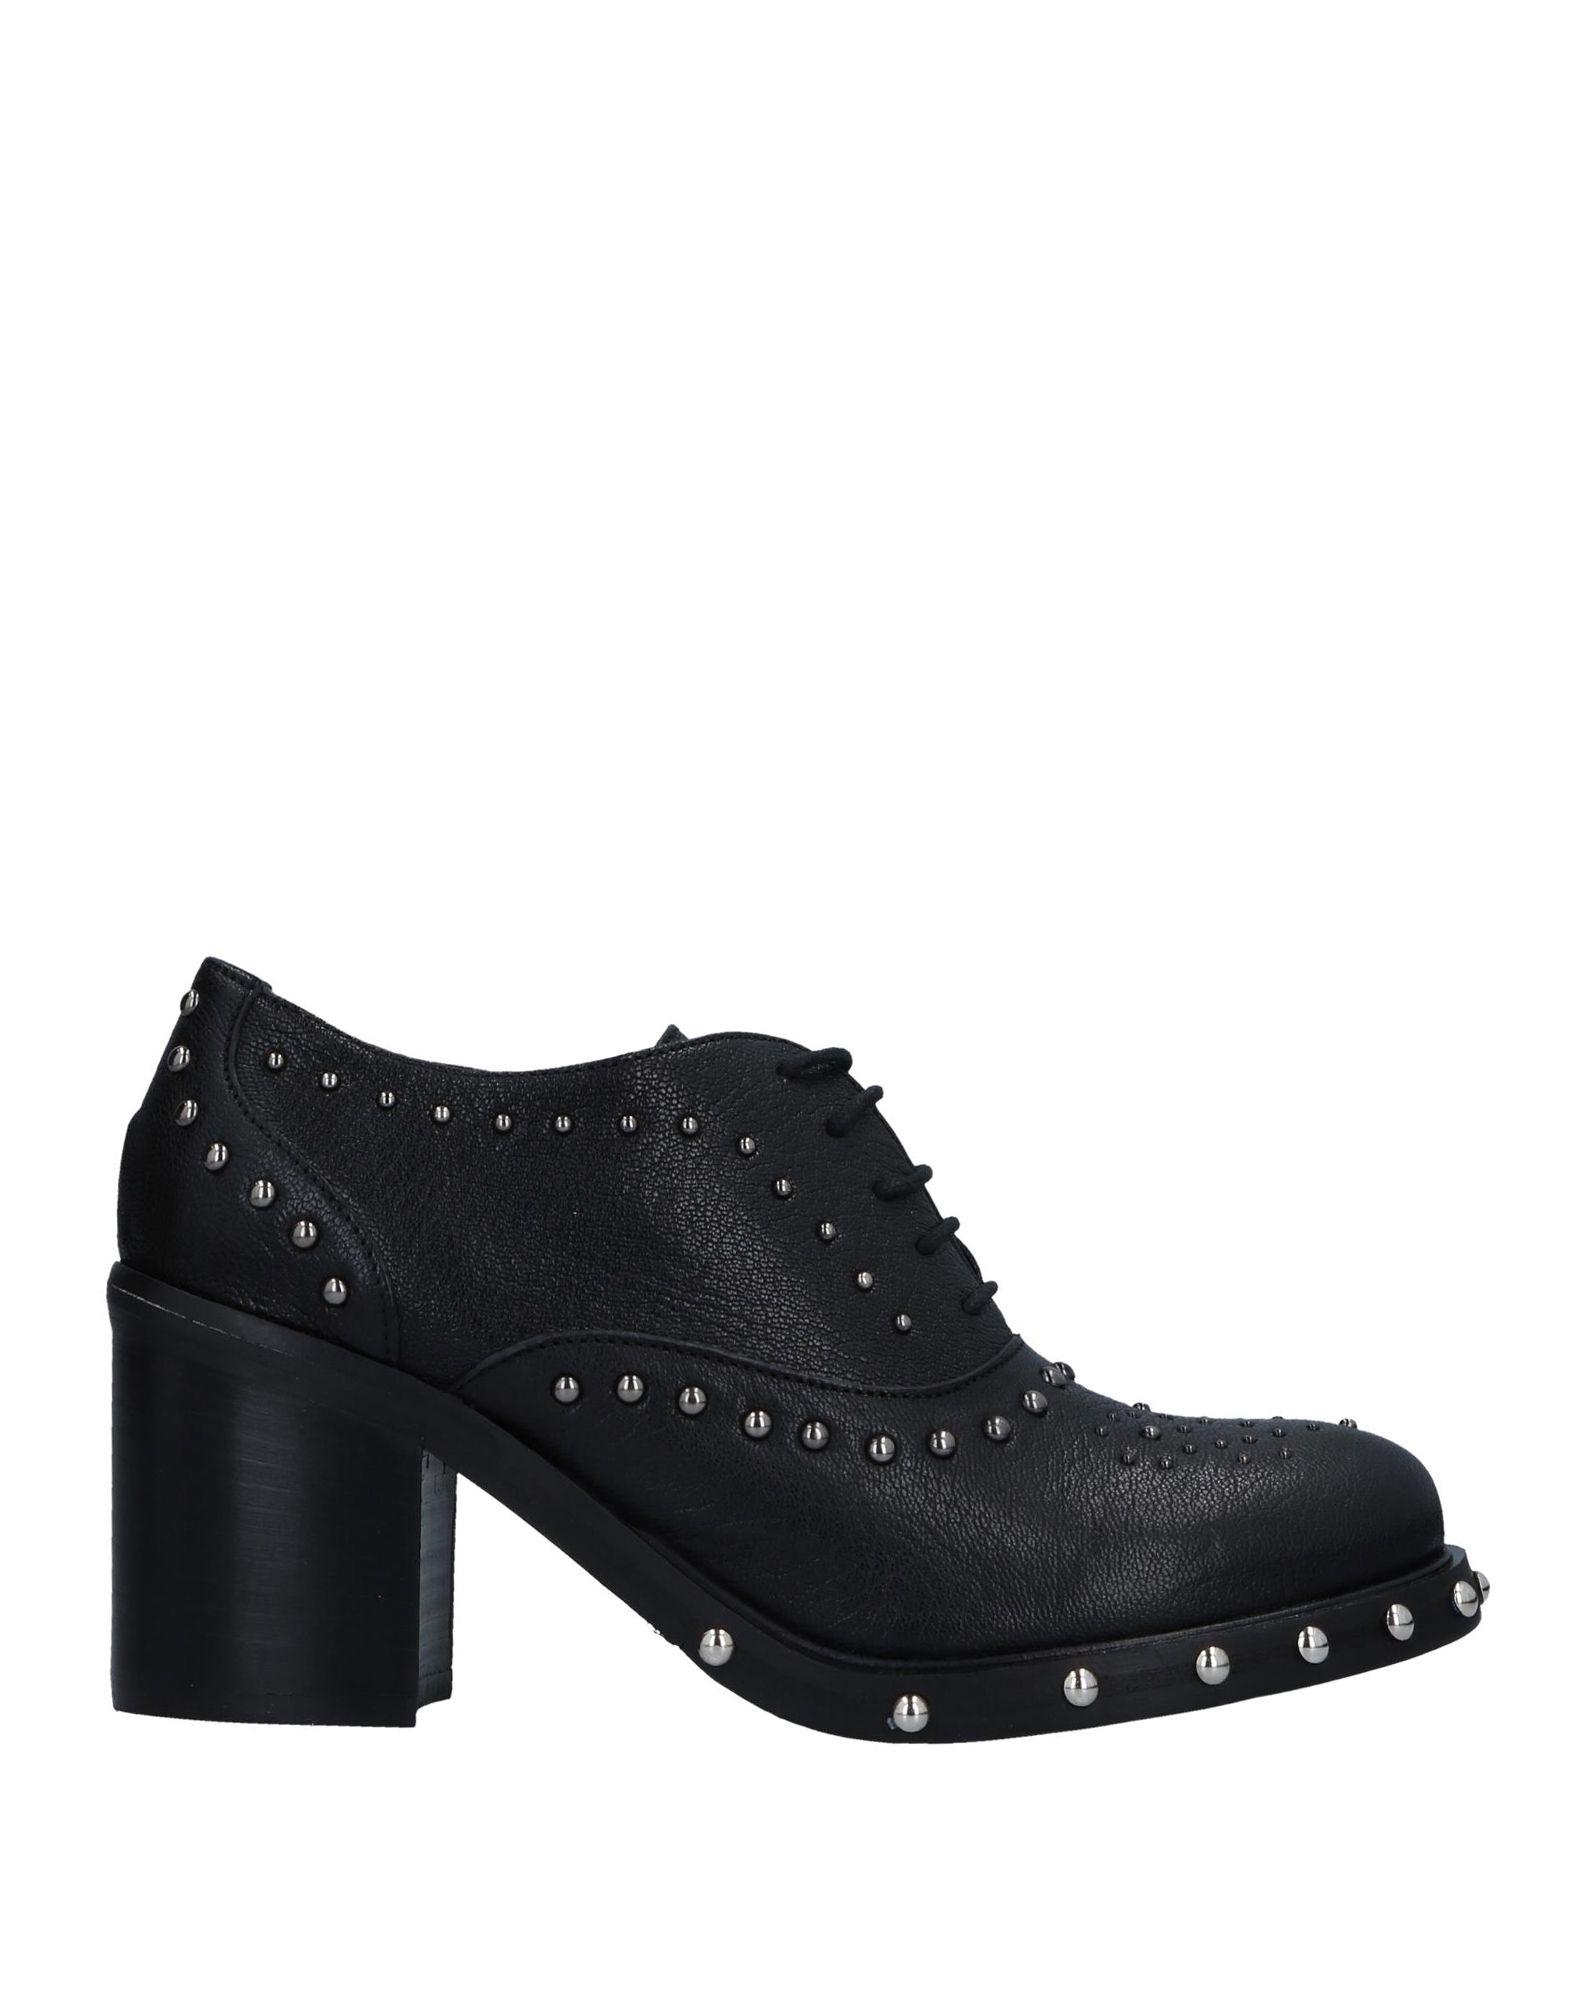 Islo Isabella 11533175VH Lorusso Schnürschuhe Damen  11533175VH Isabella Gute Qualität beliebte Schuhe 0d1c17